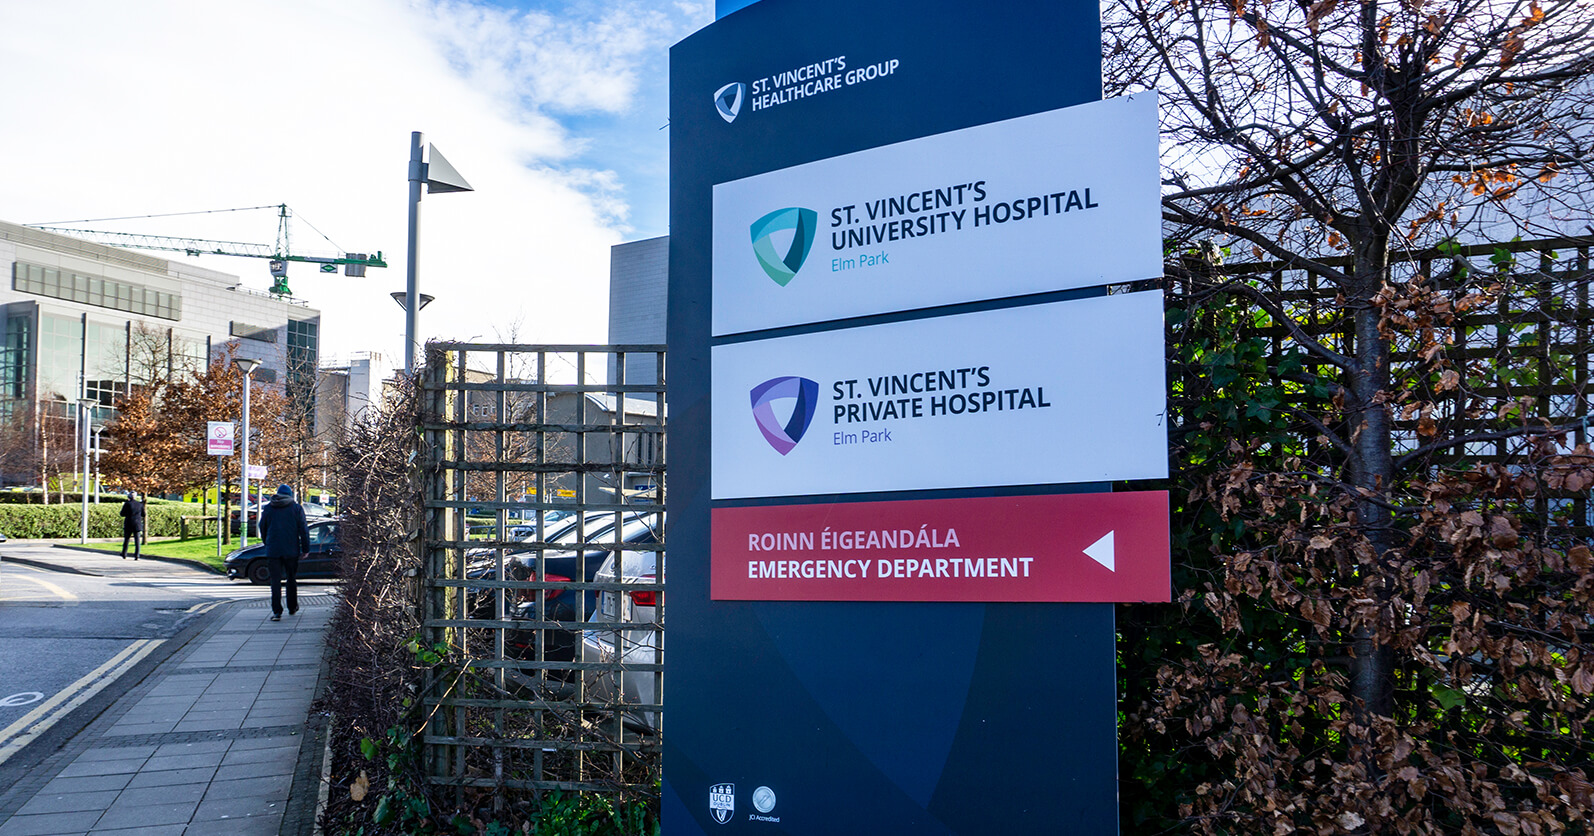 hospital Dublin